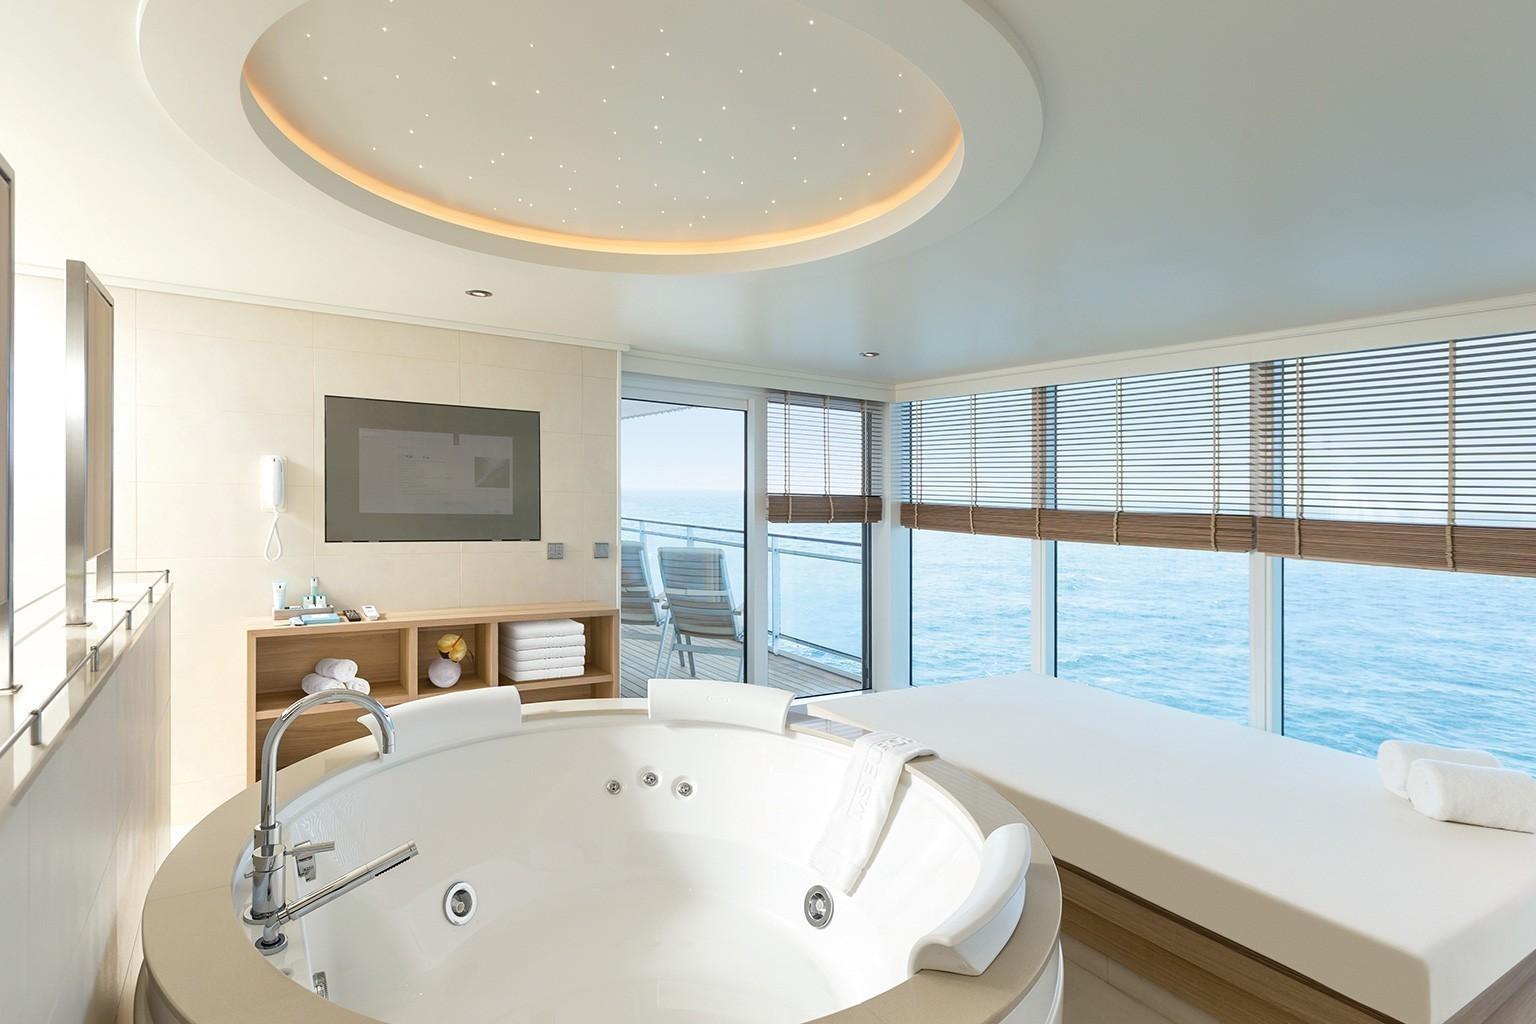 ms europa 2 luxuskreuzfahrten bei designreisen. Black Bedroom Furniture Sets. Home Design Ideas